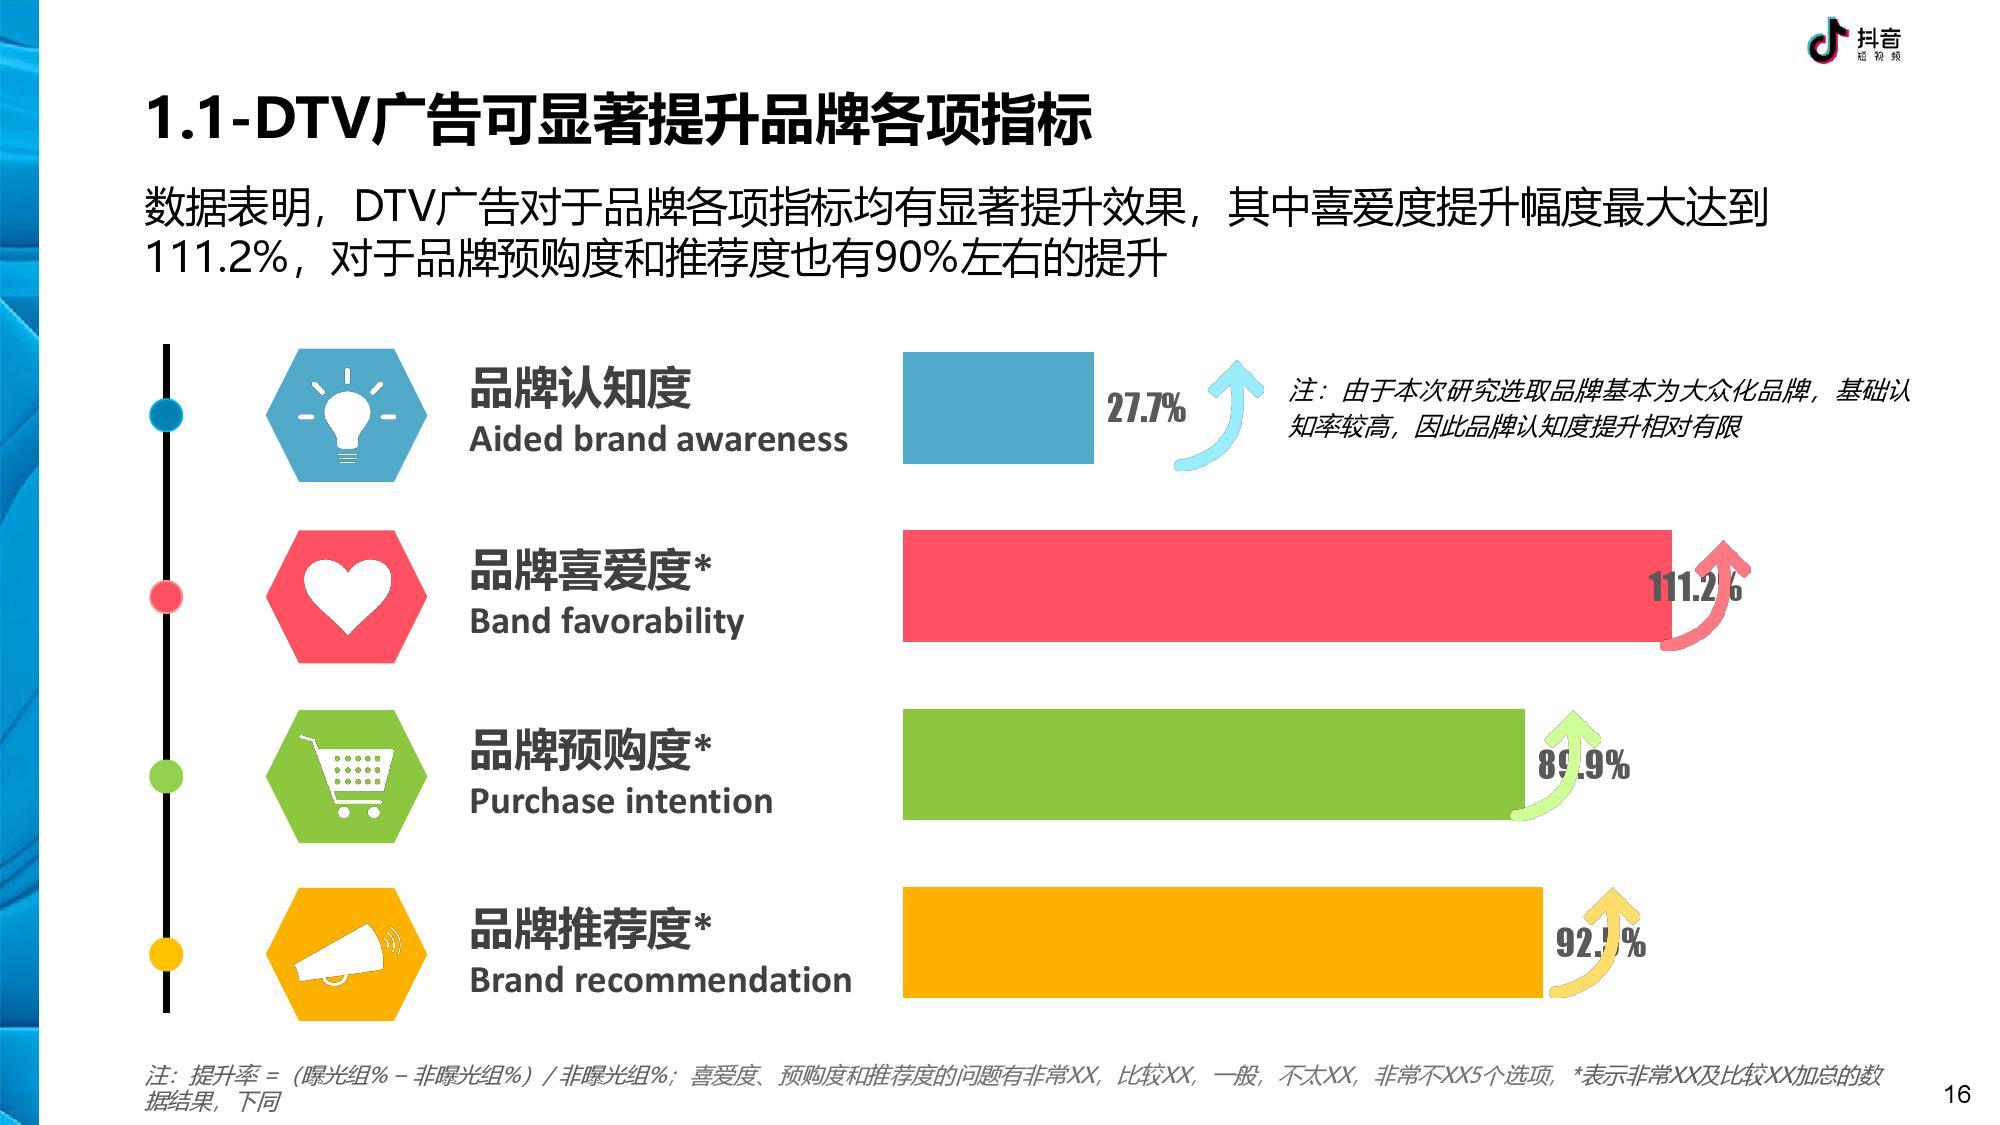 抖音 DTV 广告营销价值白皮书-CNMOAD 中文移动营销资讯 16